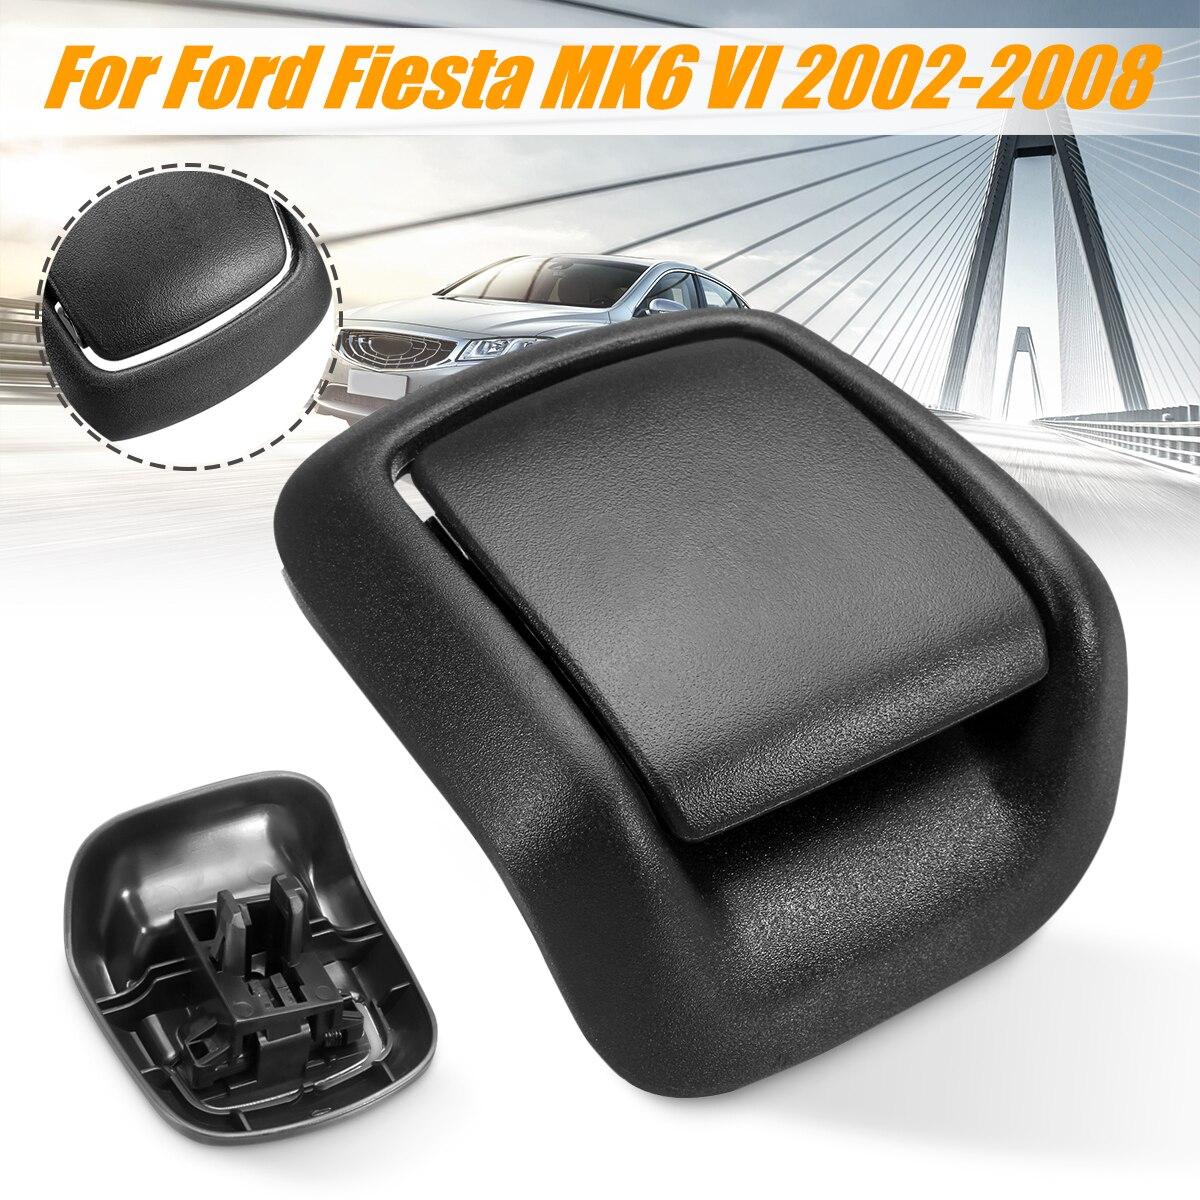 Asa de inclinación delantera izquierda/derecha de asiento de alta calidad, manija de ajuste de asiento 1417521 para Ford para Fiesta MK6 VI 3 puertas 2002-2008